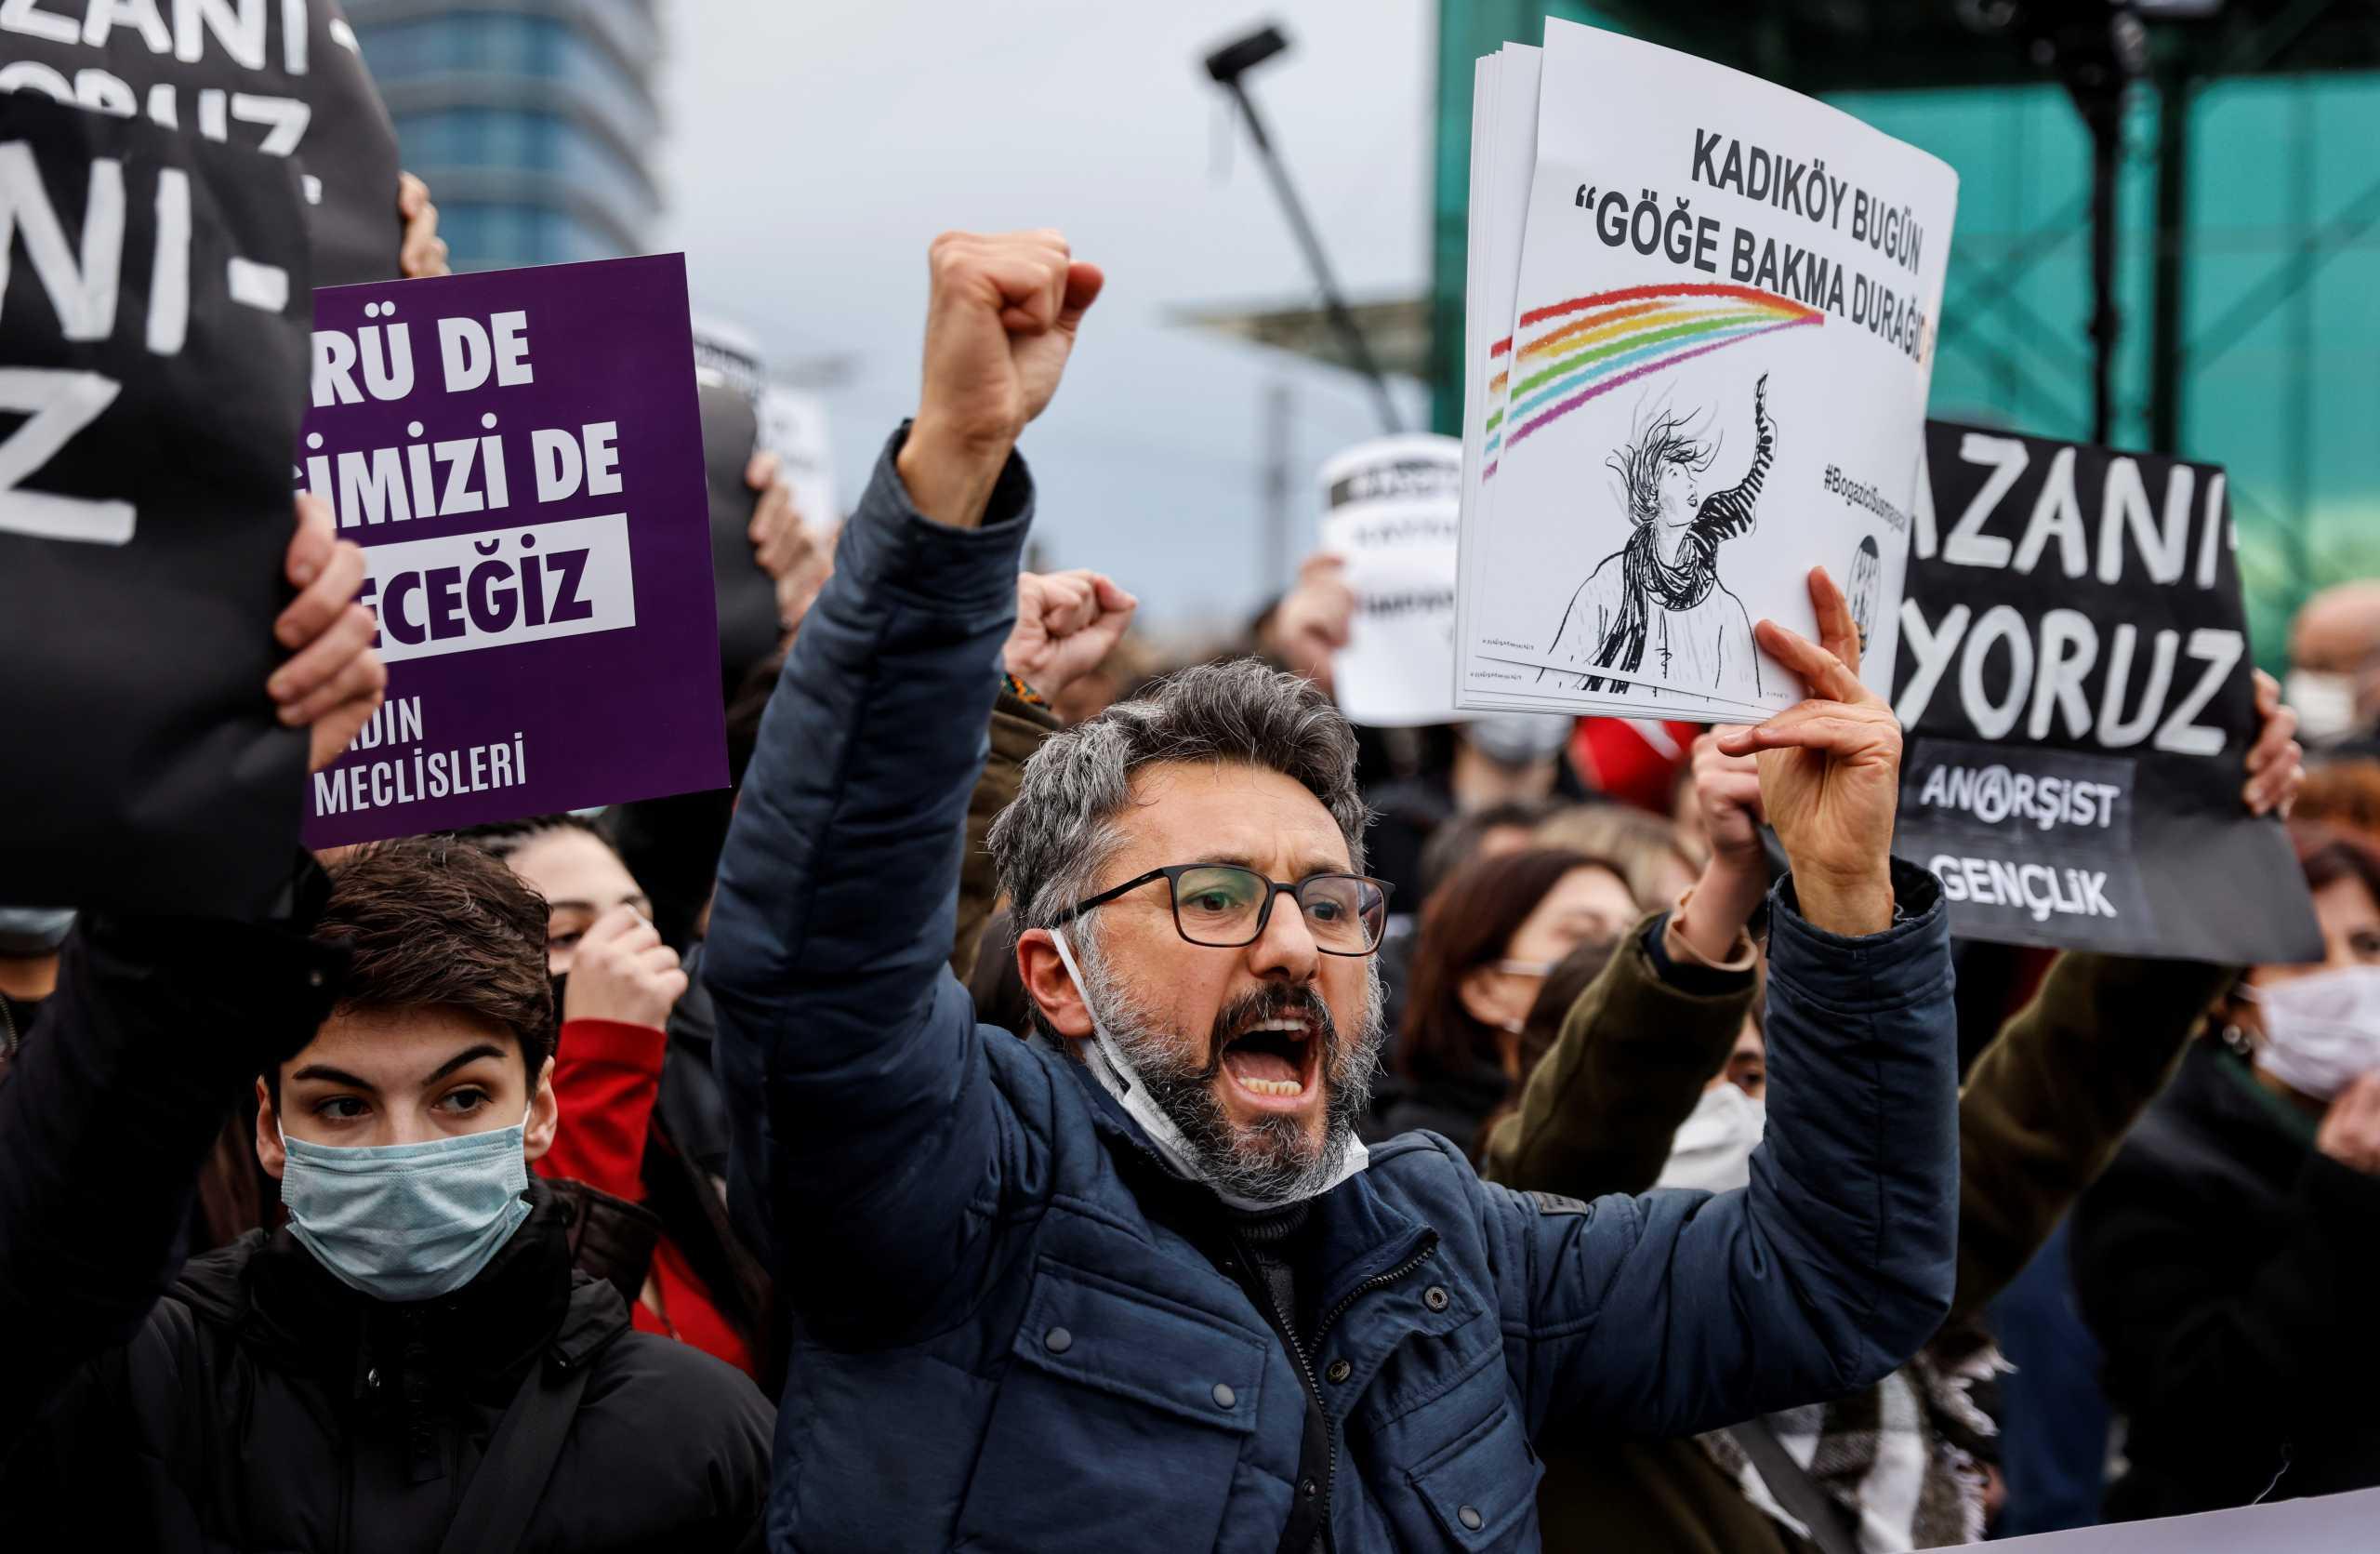 Παραλήρημα Ερντογάν: Τρομοκράτες οι διαδηλωτές, ανήθικοι οι ΛΟΑΤΚΙ